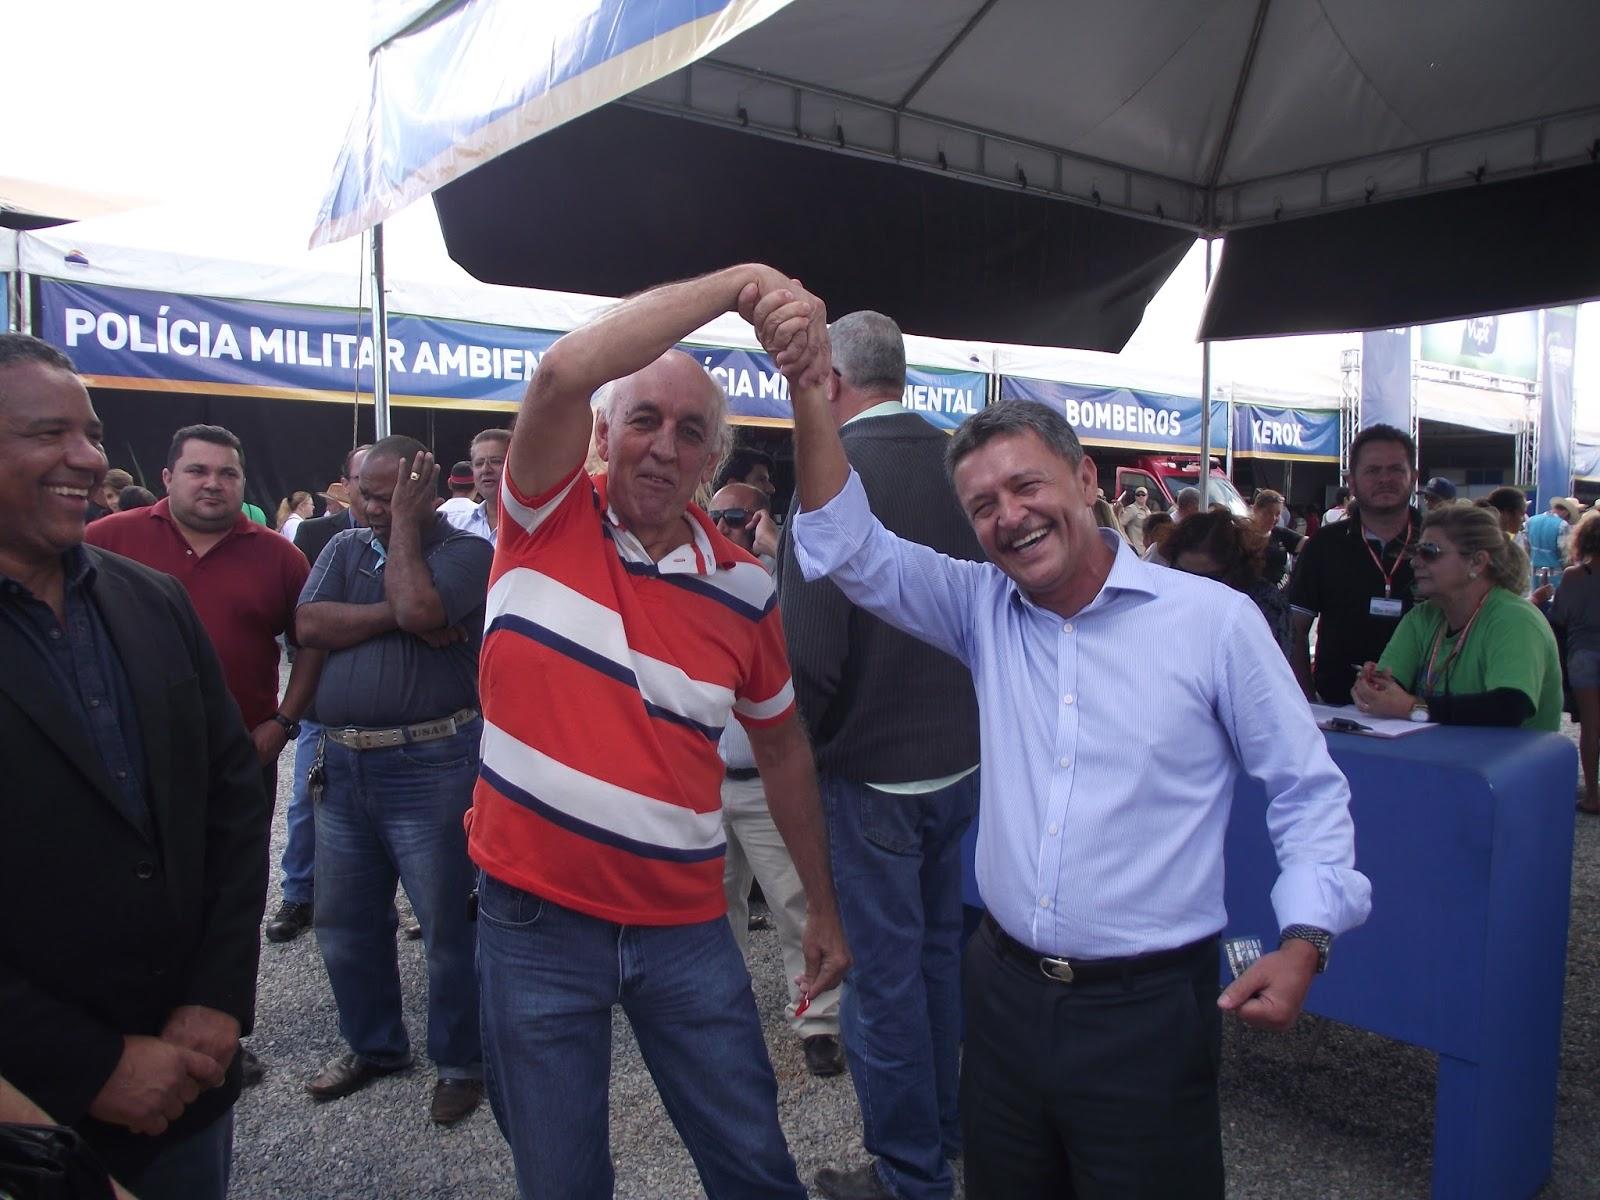 Carecão Da Coca-Cola e Caetano da Taguatur Também são seguidores Deste Blog.